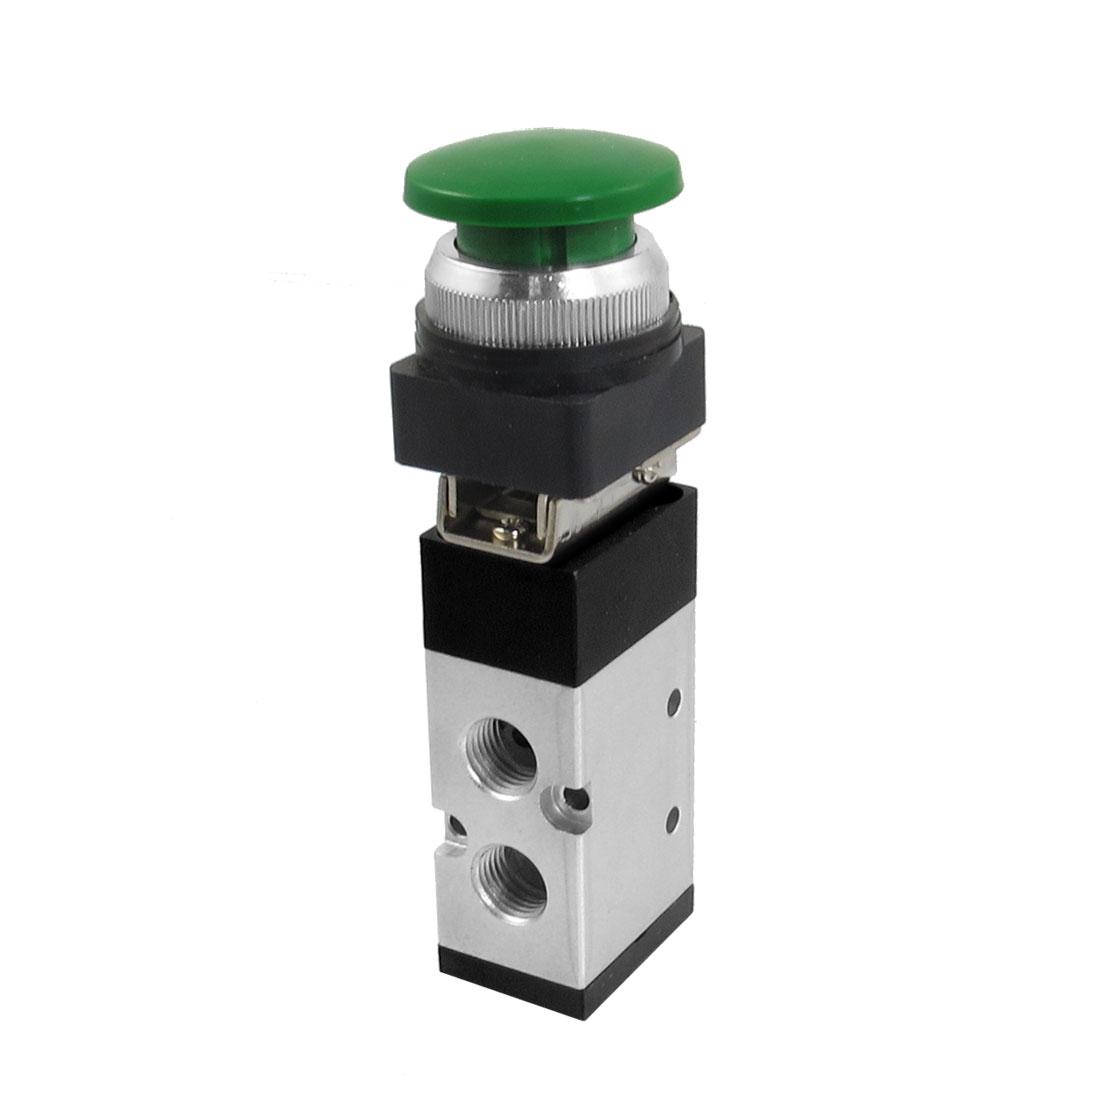 MV522PB 12mm Thread Input 2/5 Way Green Mushroom Button Air Mechanical Valve